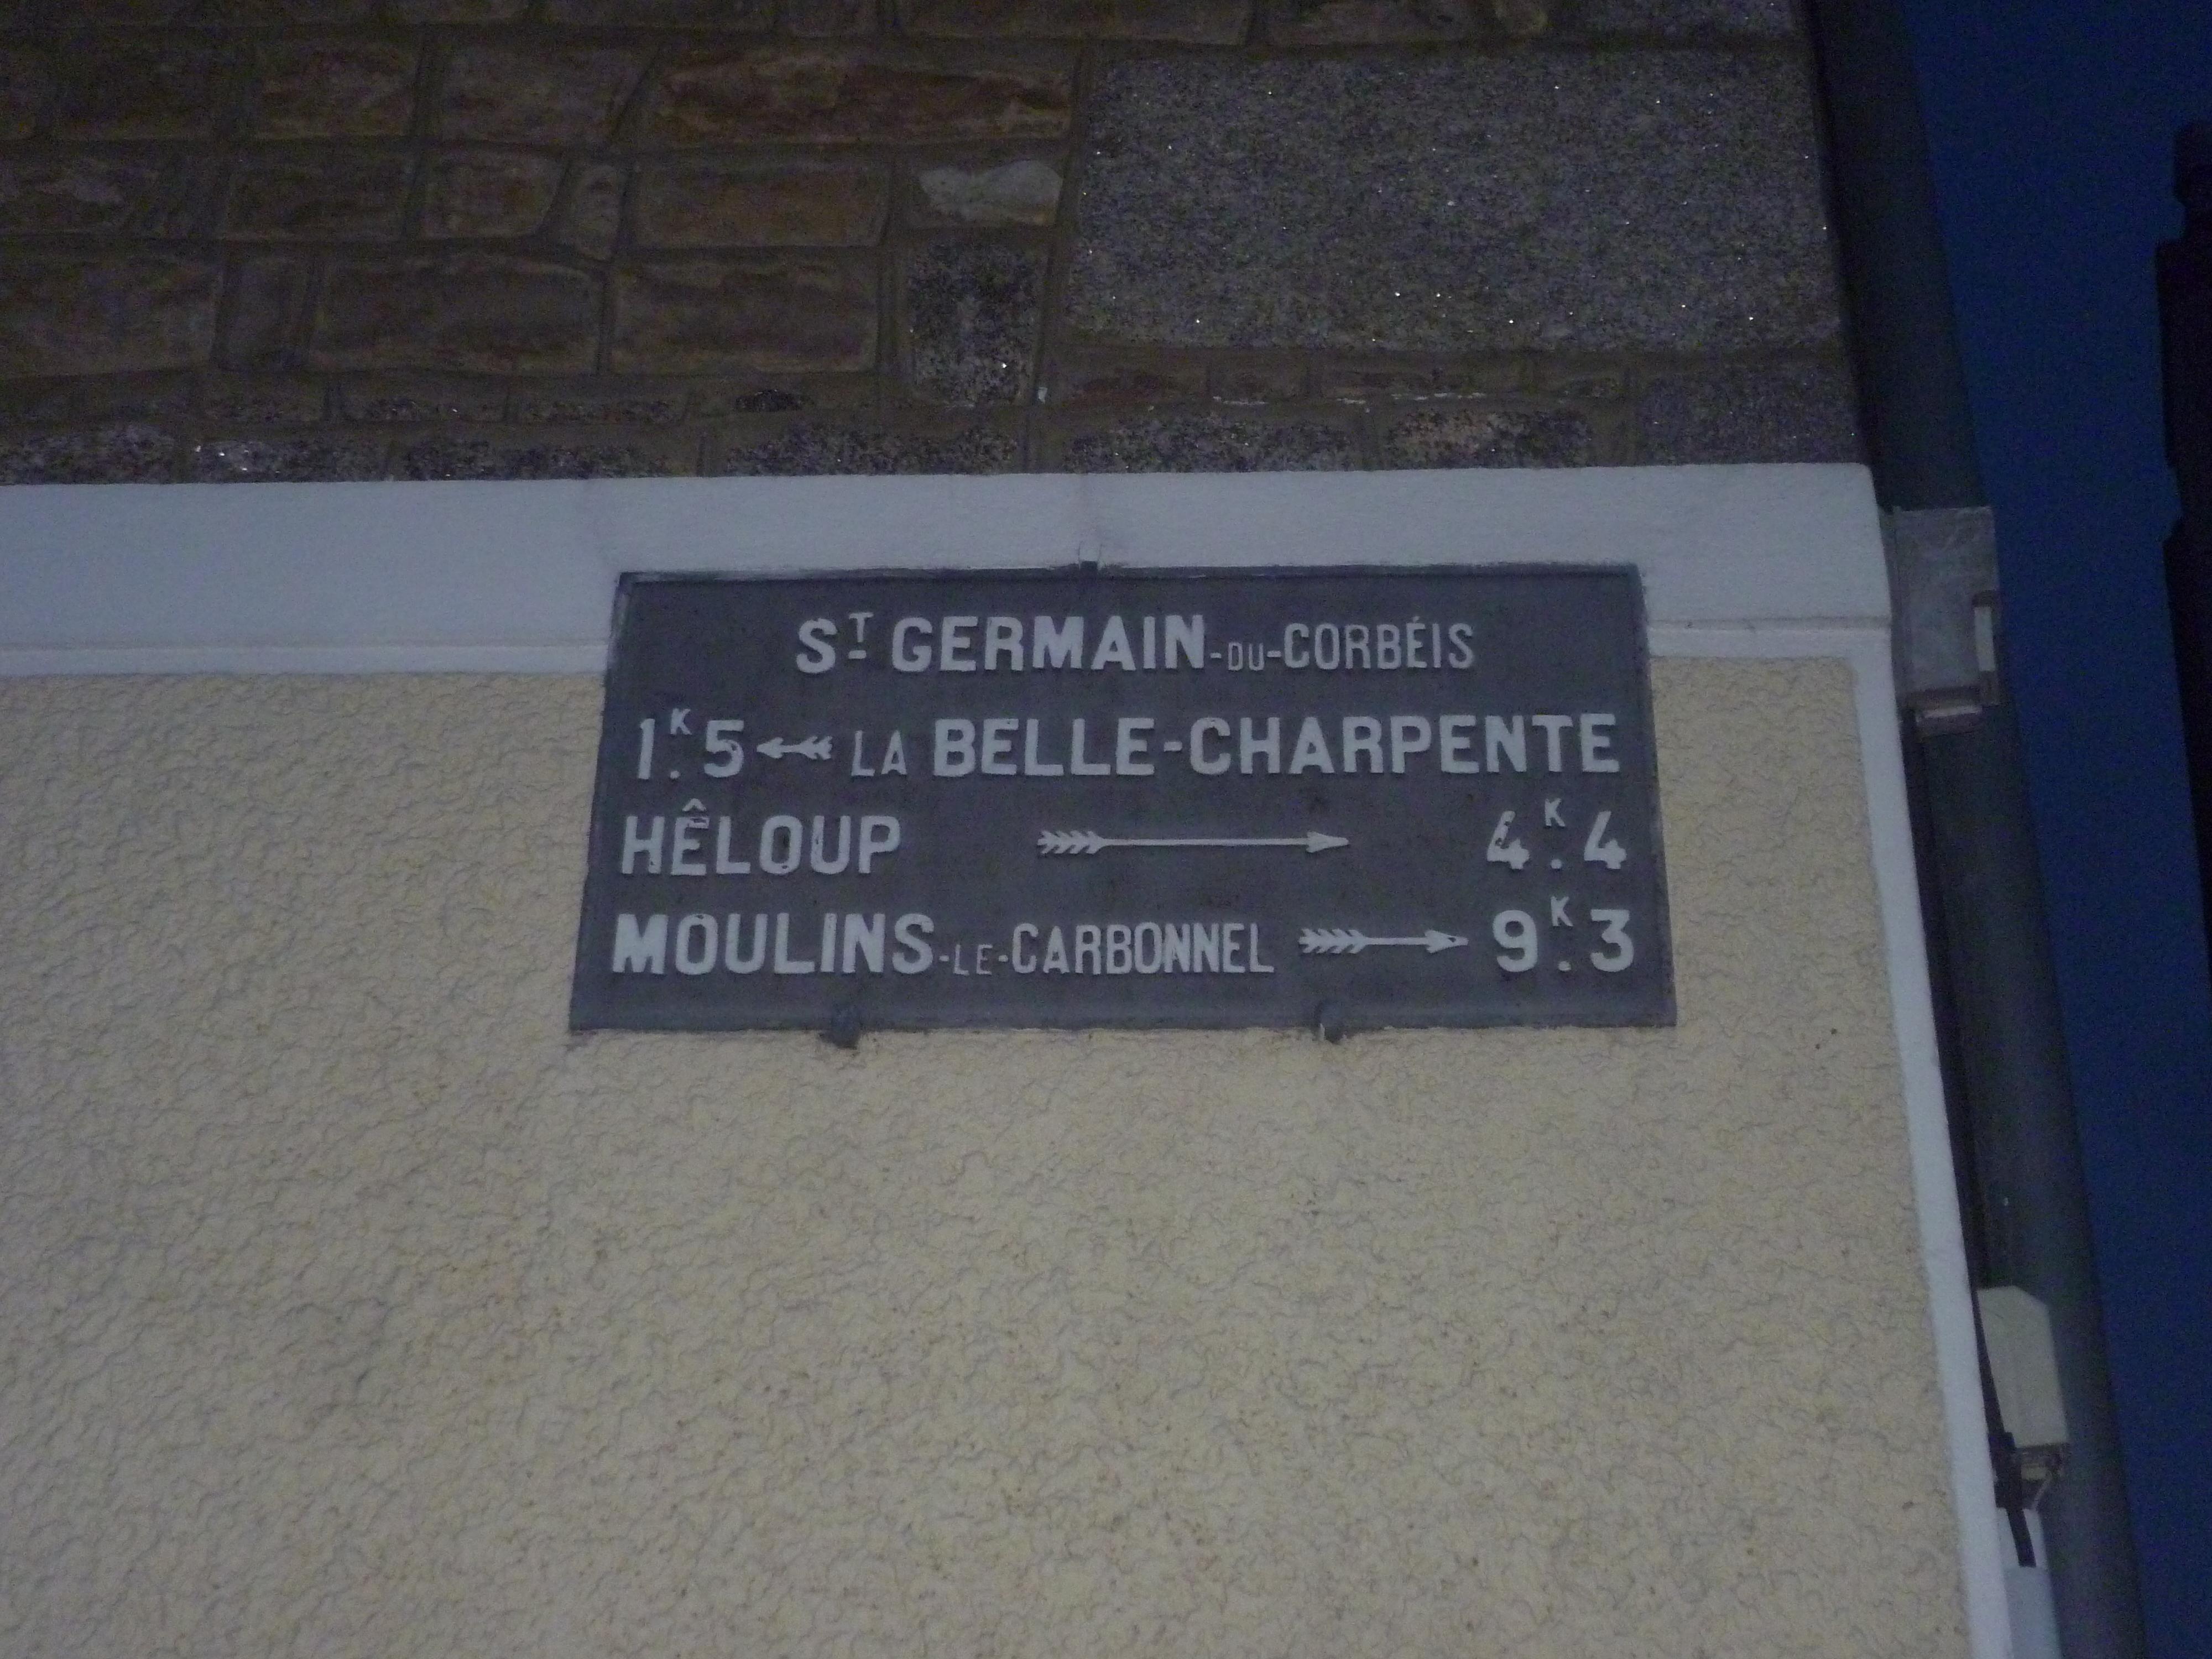 Zone 61 - Saint Germain du Corbéis - Plaque de cocher - La Belle Charpente - Hêloup - Moulins le Carbonnel (Gwéna Tireau)